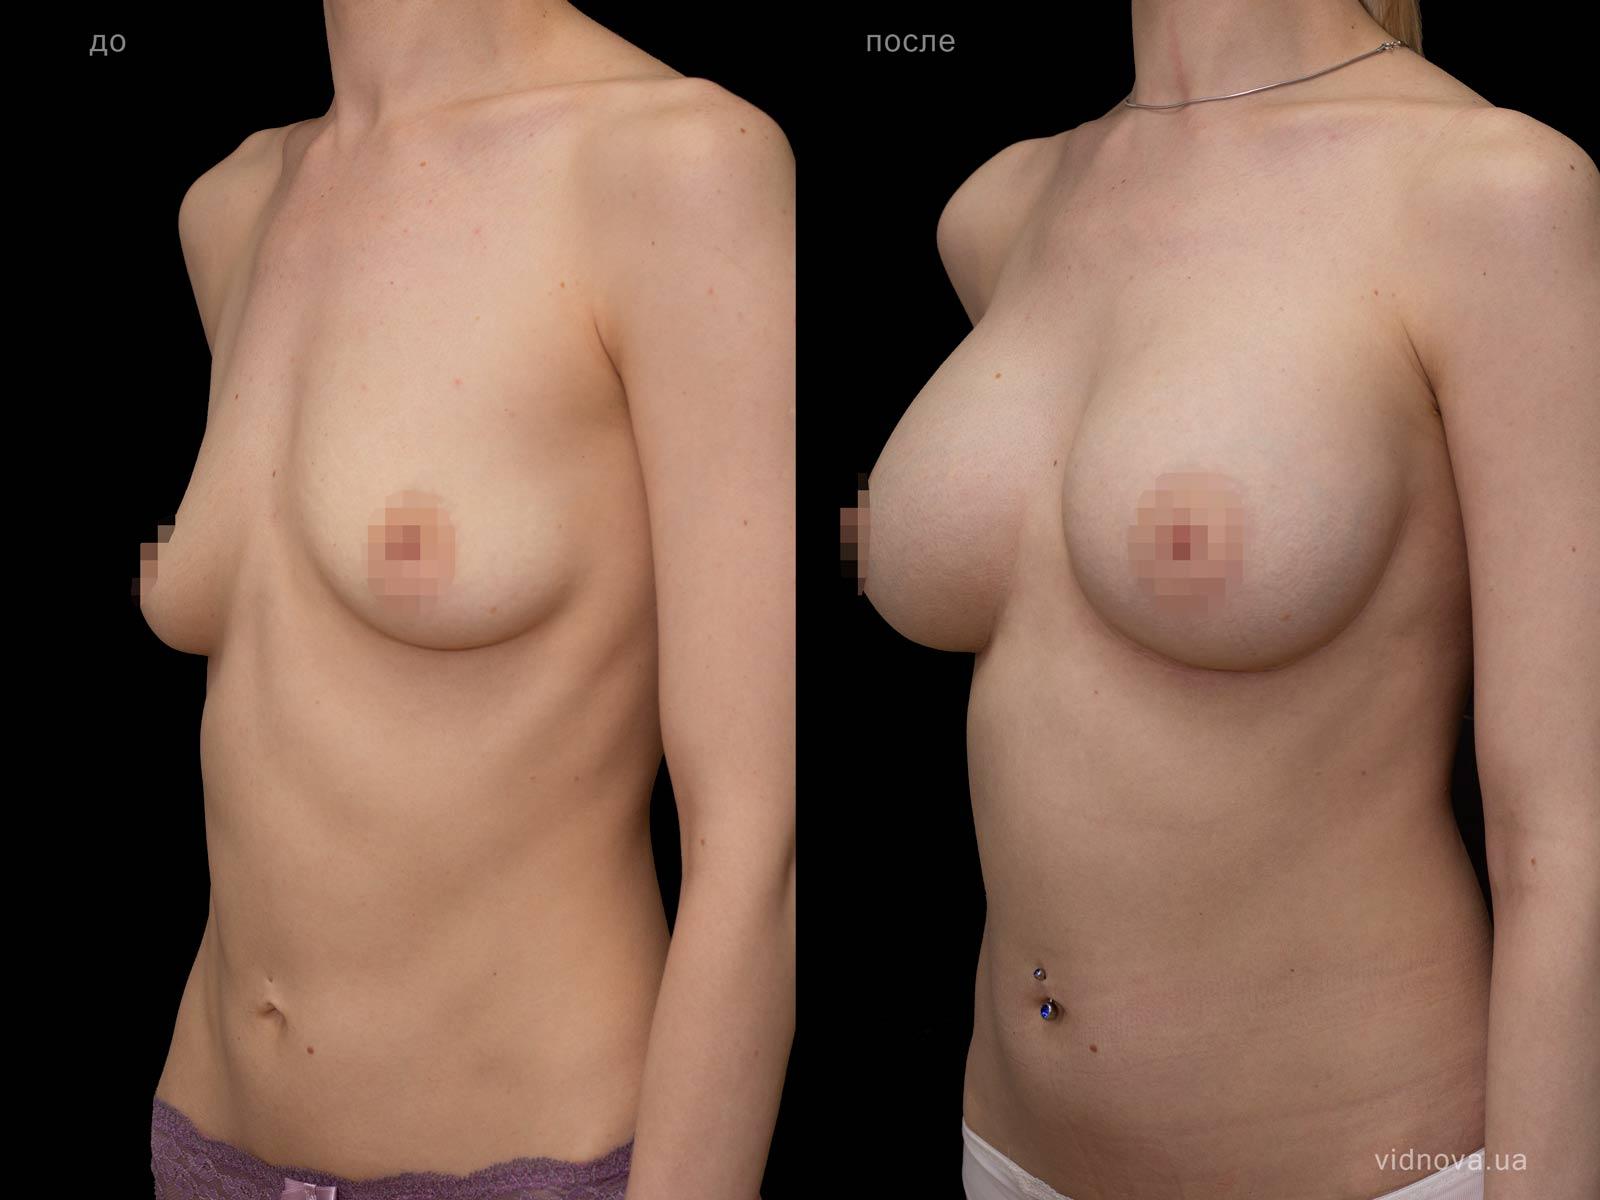 Пластика груди: результаты до и после - Пример №95-1 - Светлана Работенко